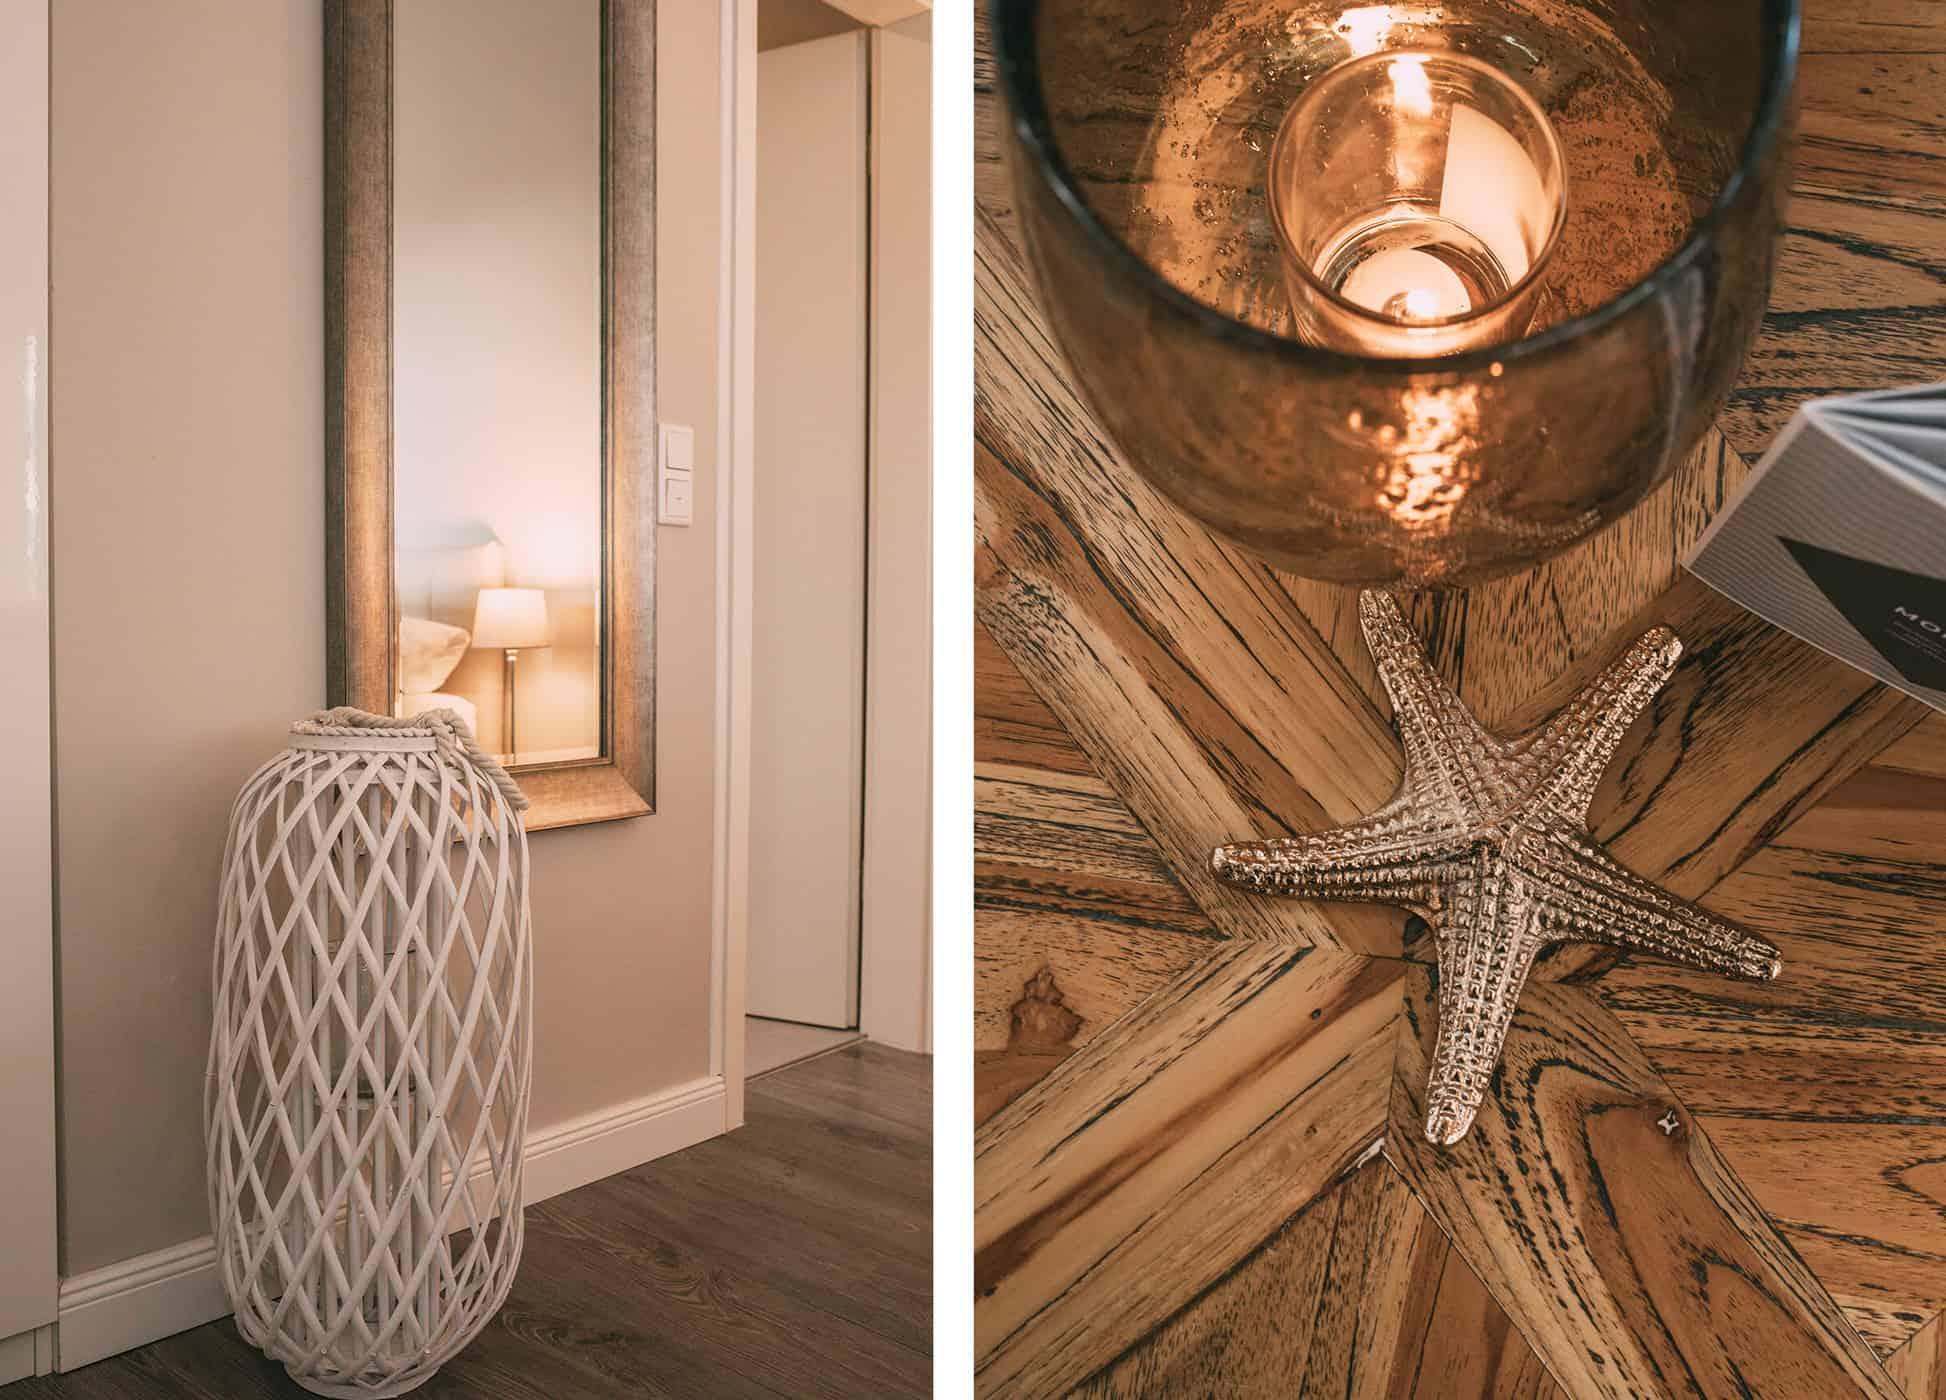 Das neue Boutique Hotel Villa Monika in Westerland auf Sylt: Doppelzimmer Rosa Lilie